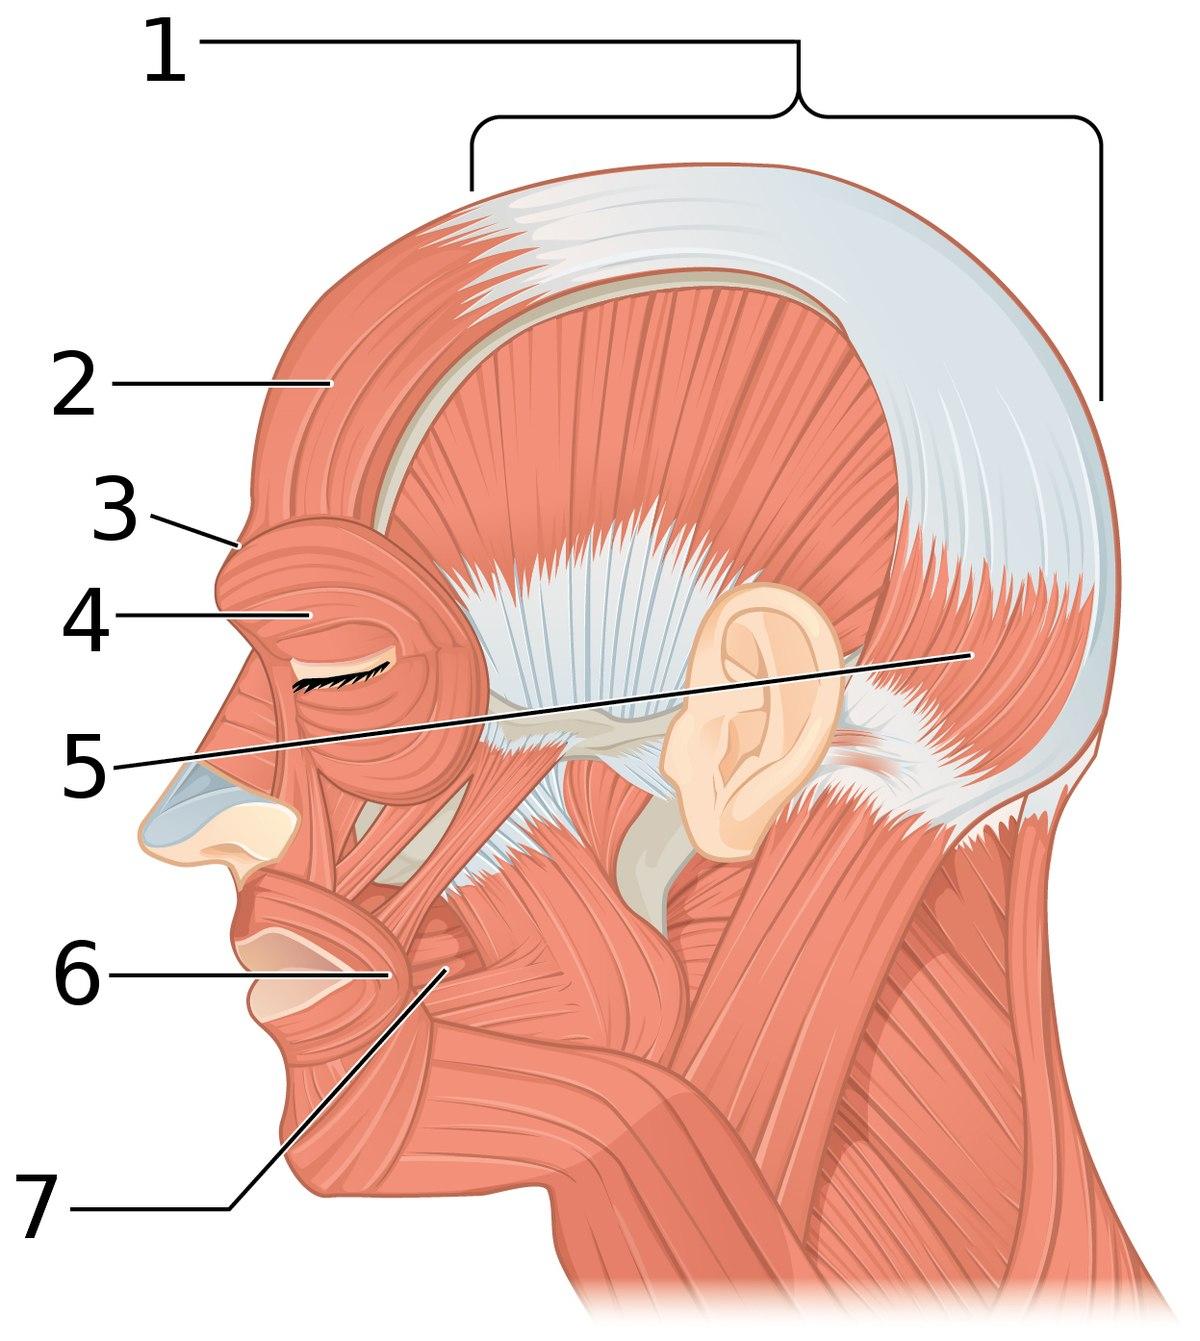 Epicranial aponeurosis - Wikipedia